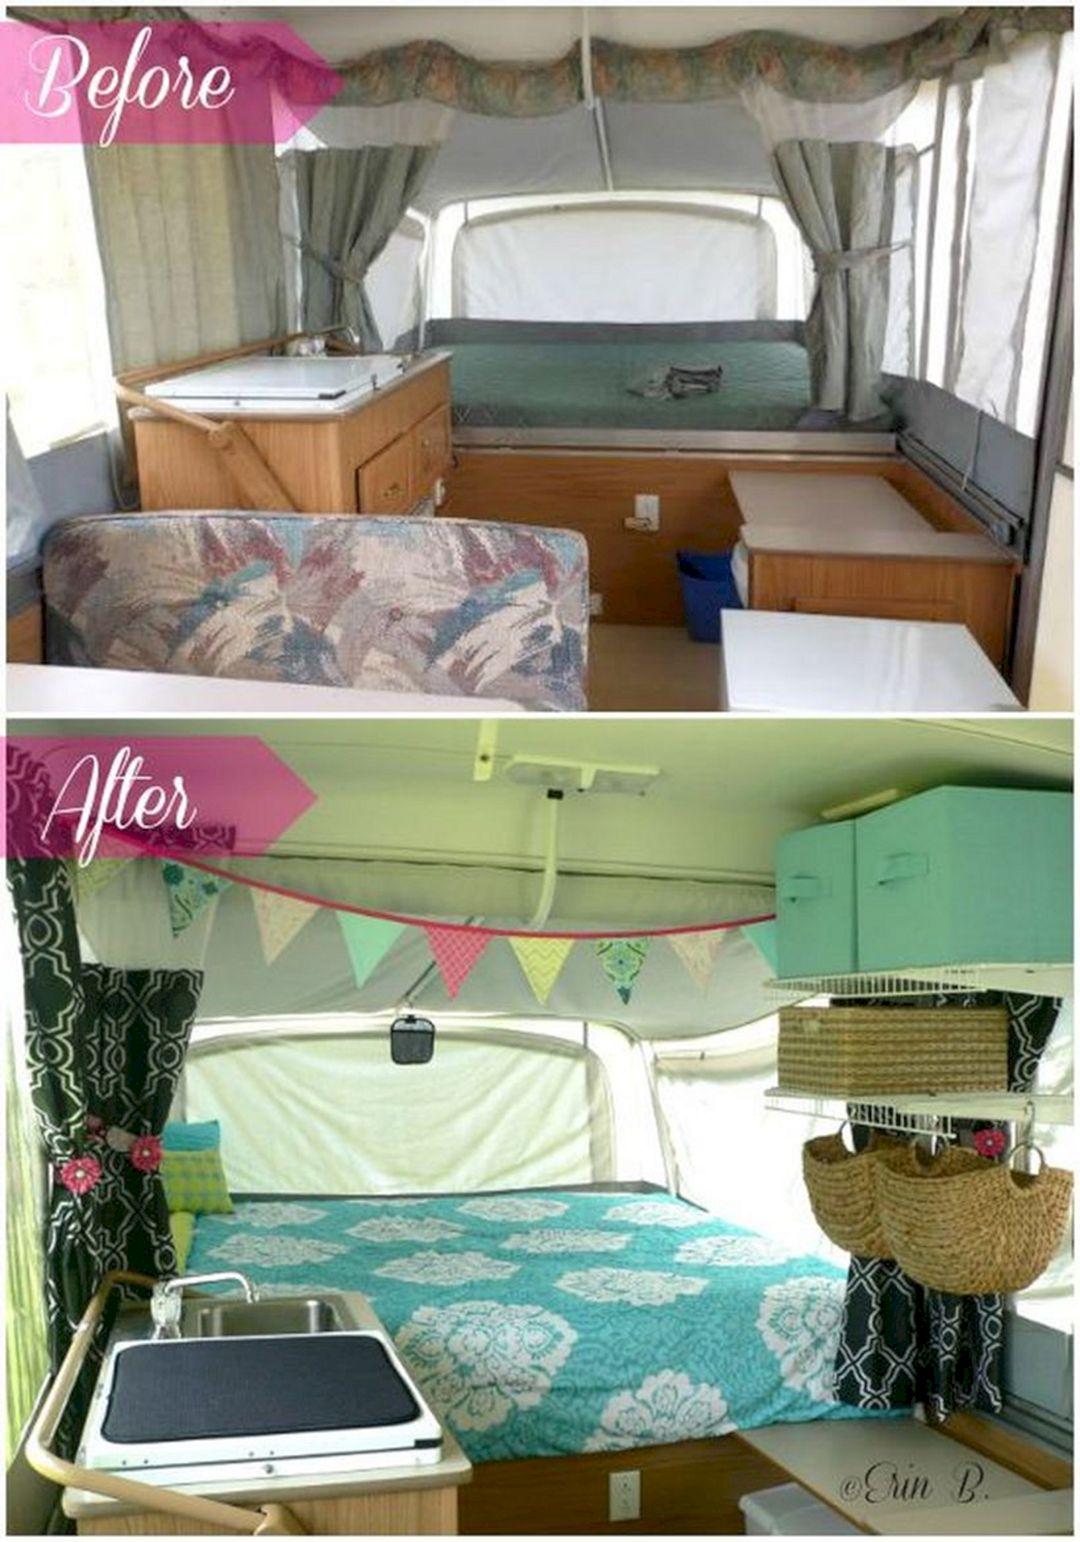 Pop Up Camper Remodel Ideas Pop Up Camper Remodel Ideas